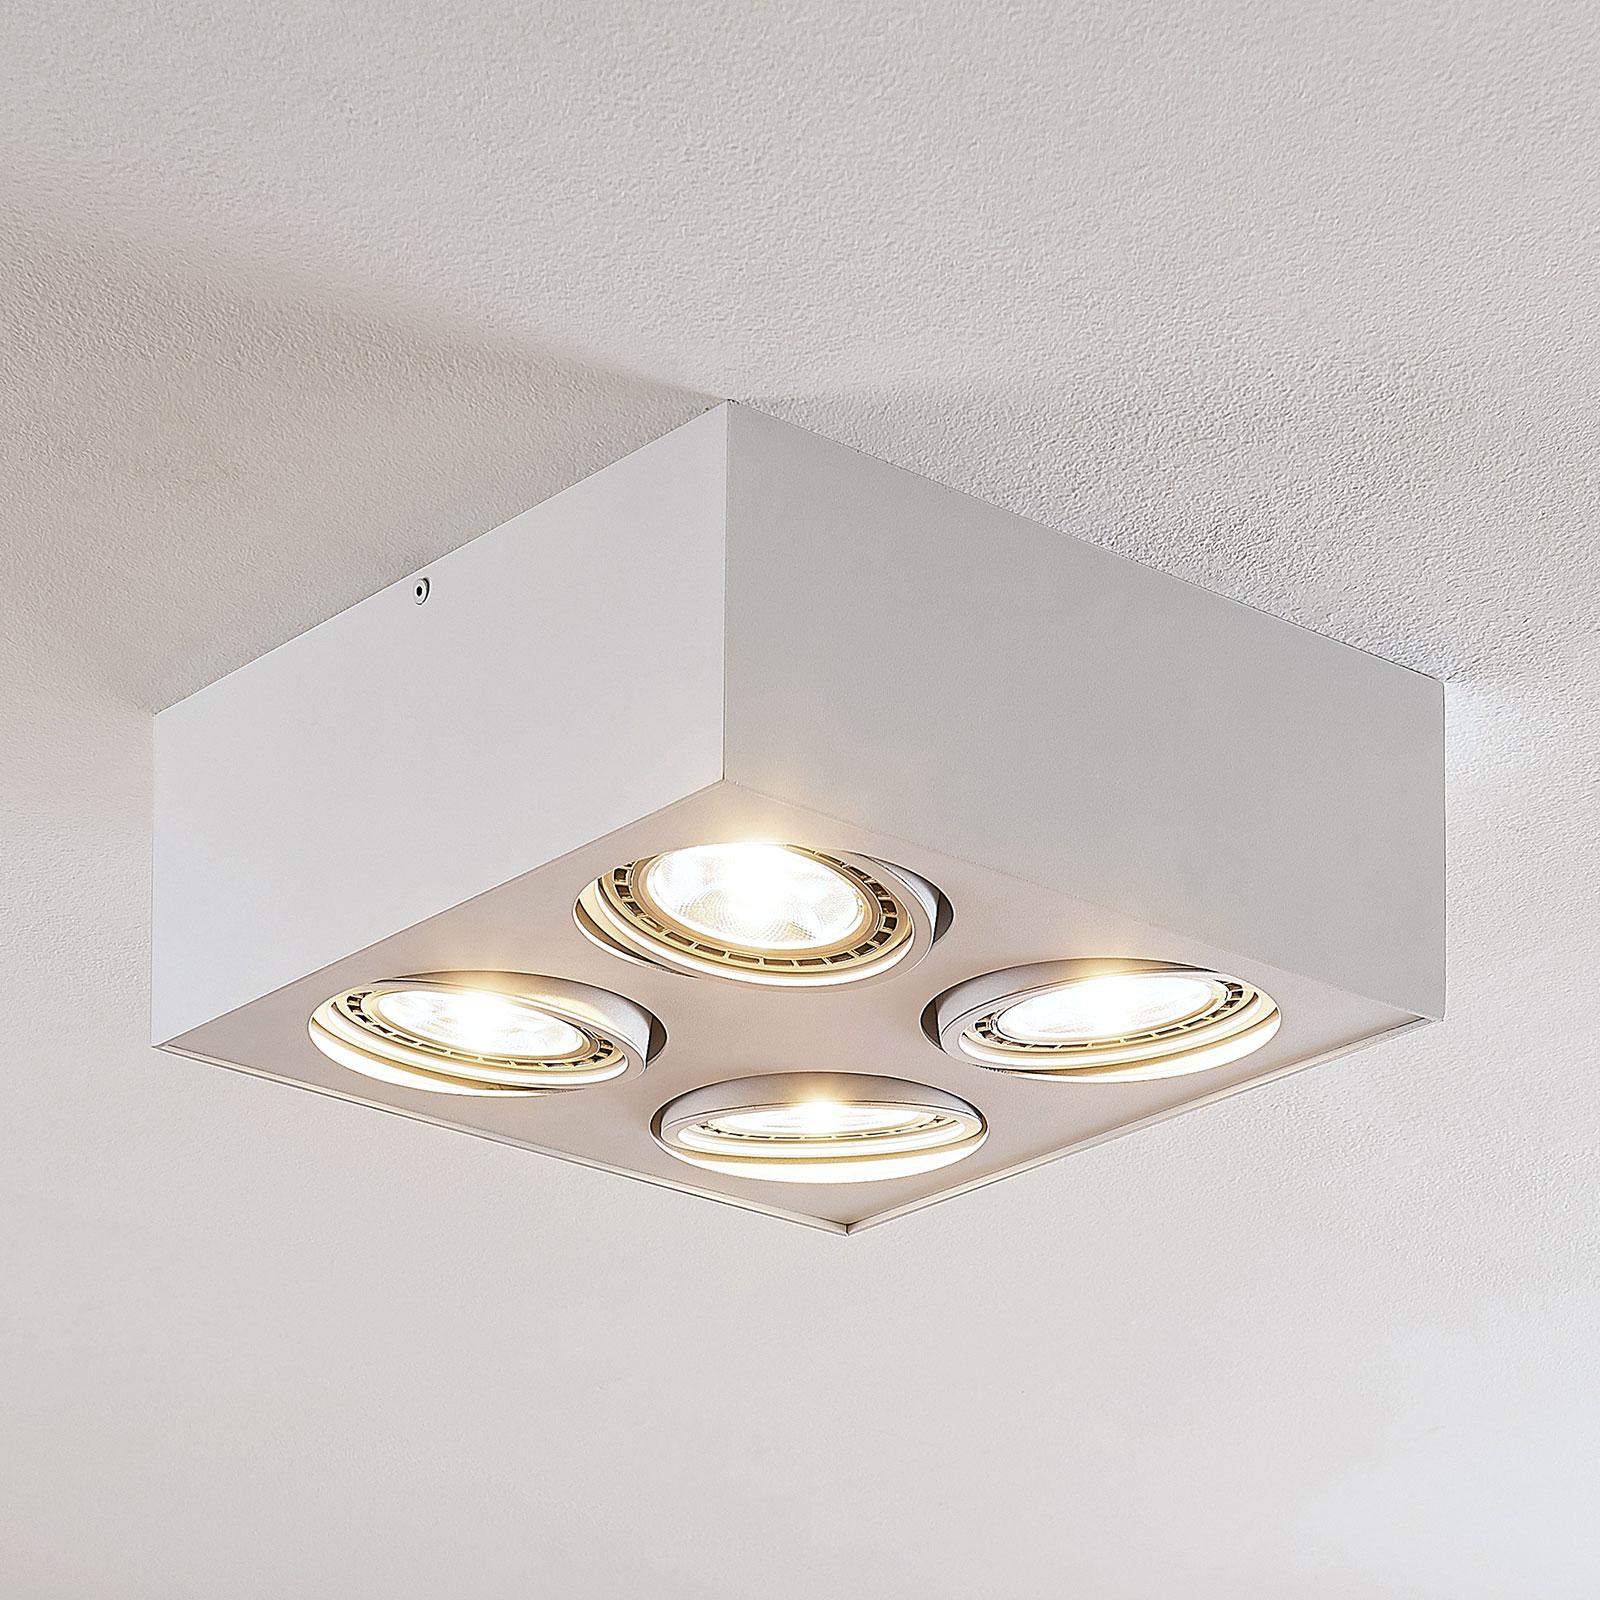 Arcchio lampor   Lampkultur.se